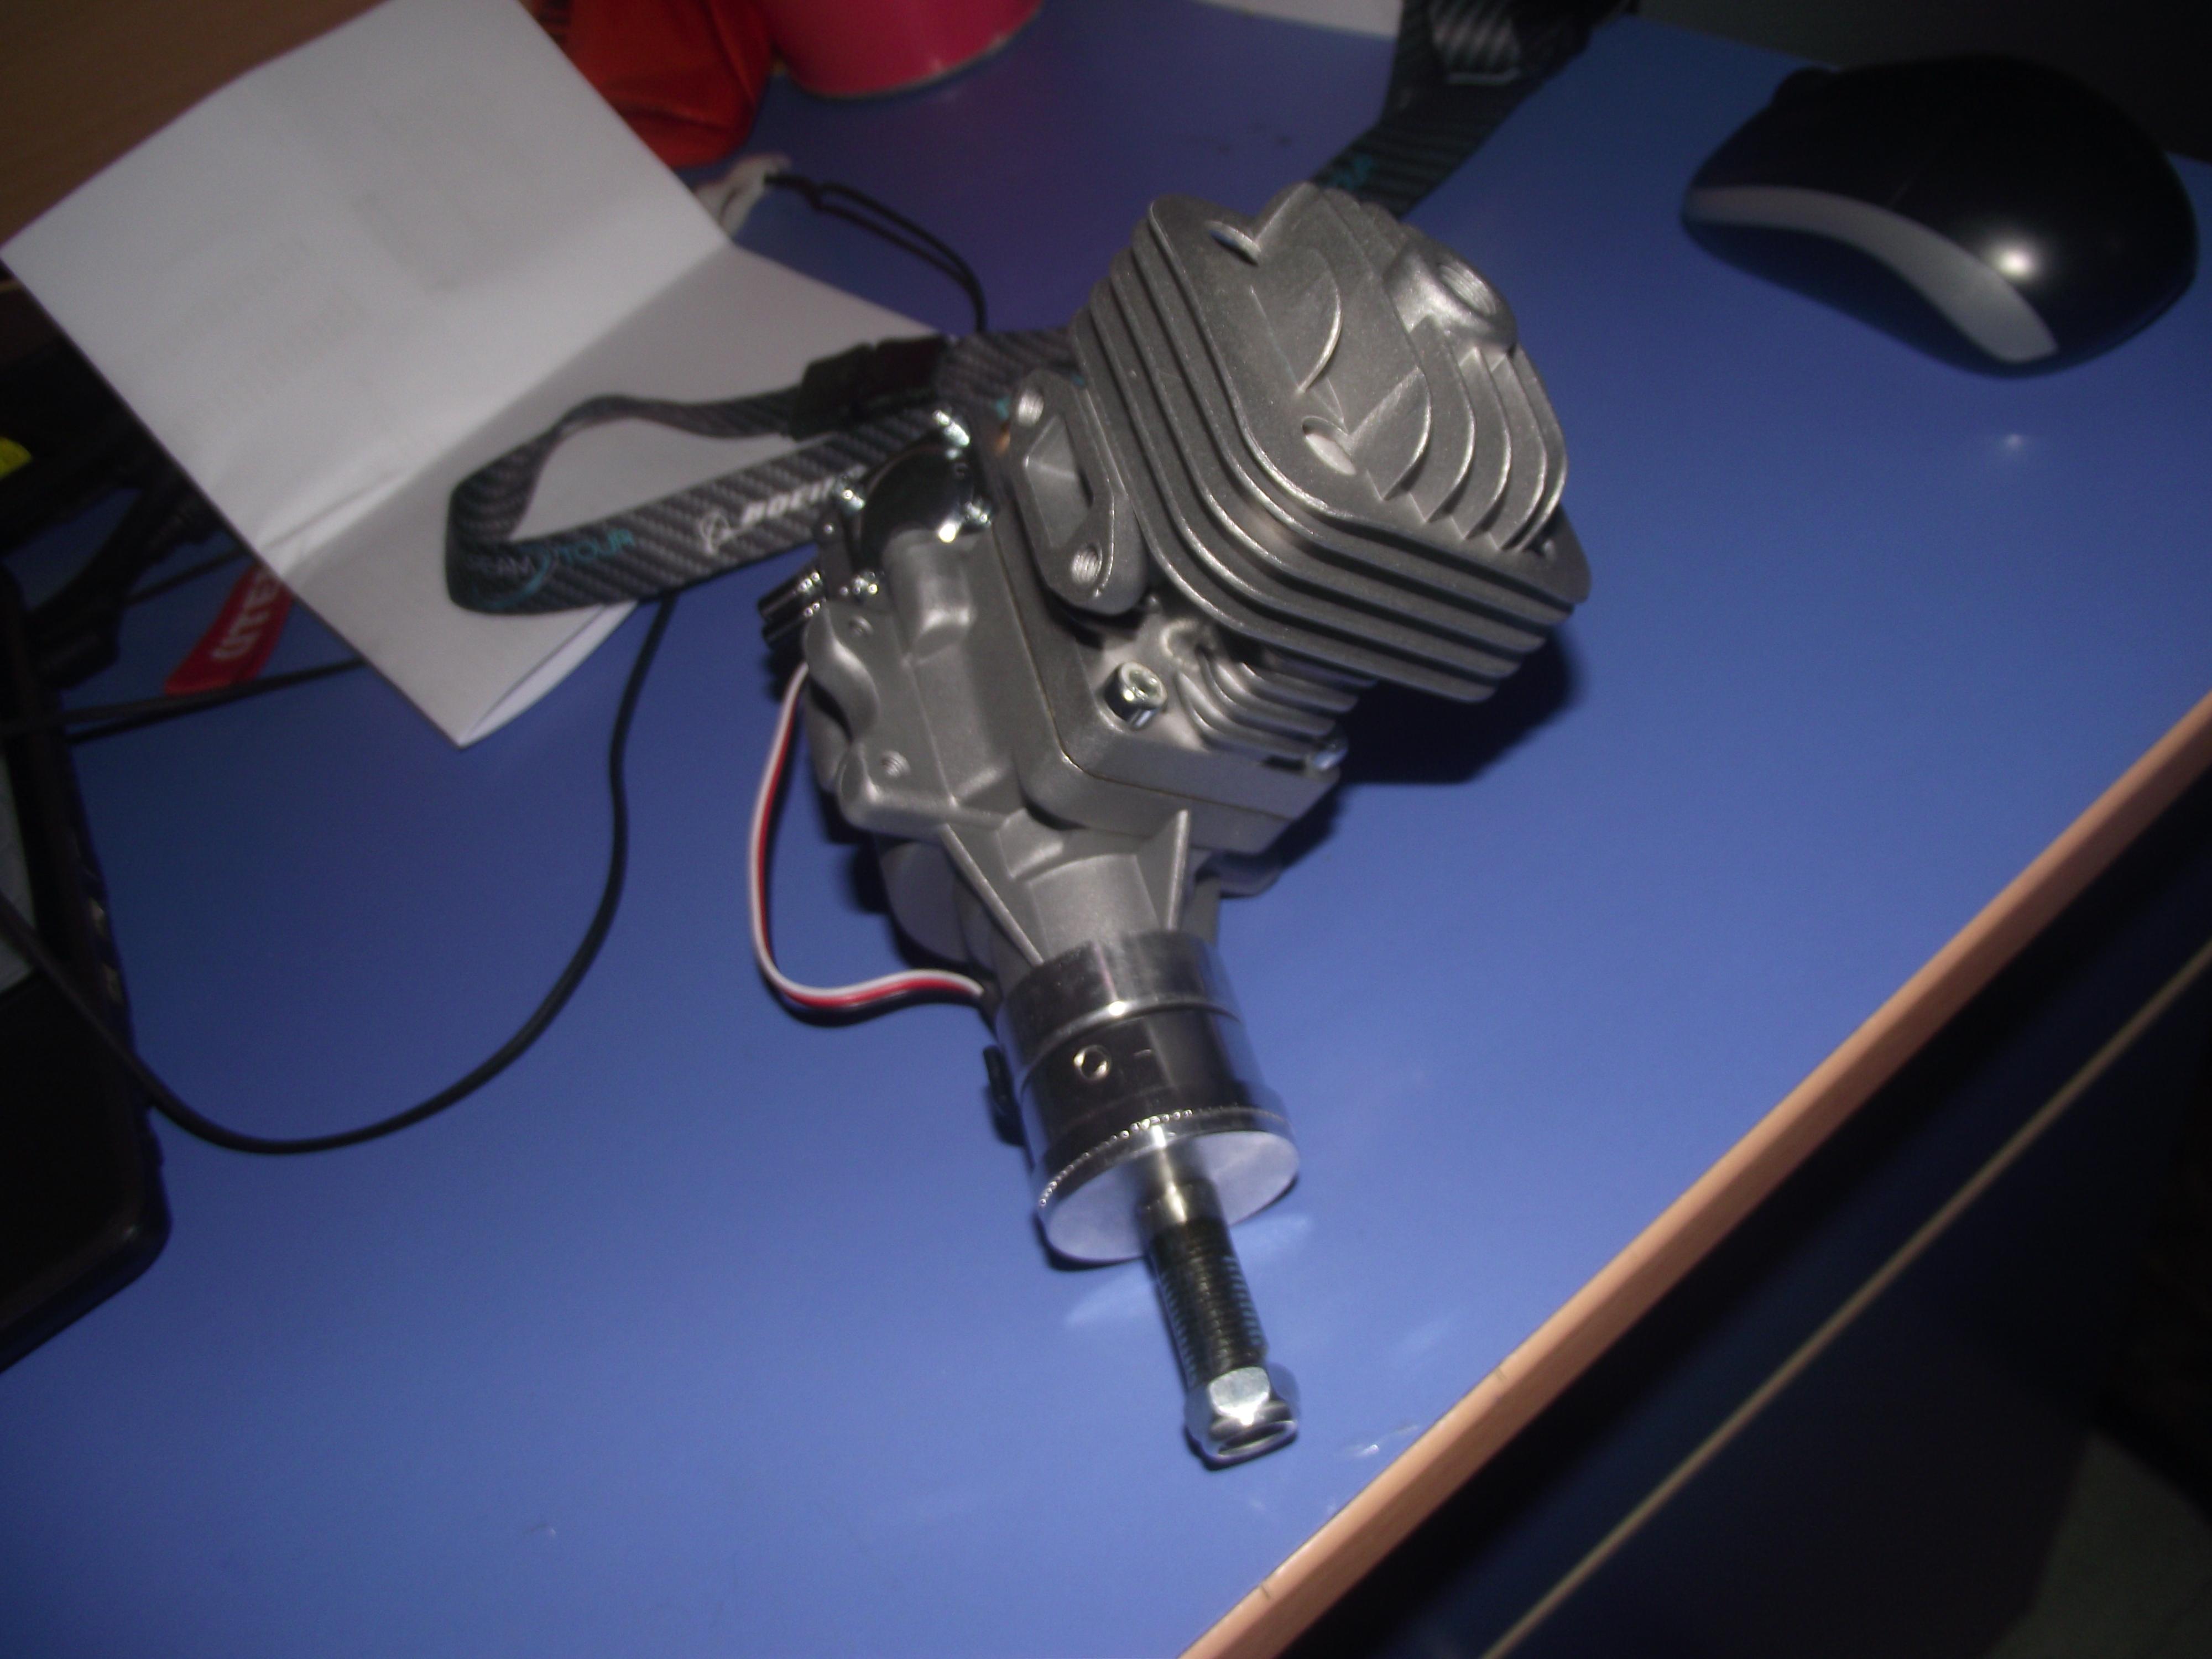 Моторчики для фало имитатора фото 382-976